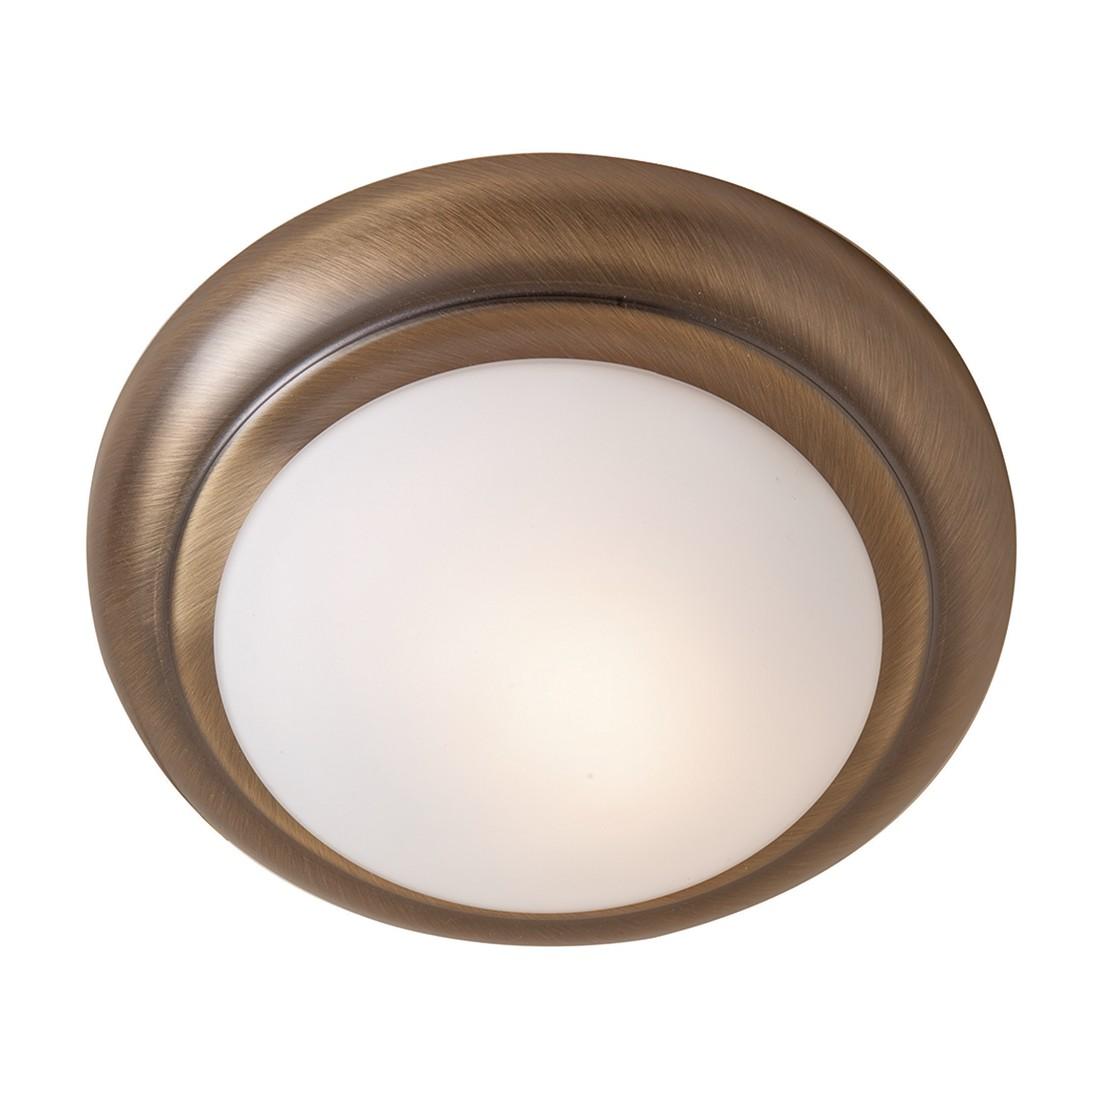 Deckenlampe Aus Holz Cool Messing Bronze Lampe Leuchter: Steinhauer Leuchten. Latest Hngeleuchte Cornucopia Fl Wei